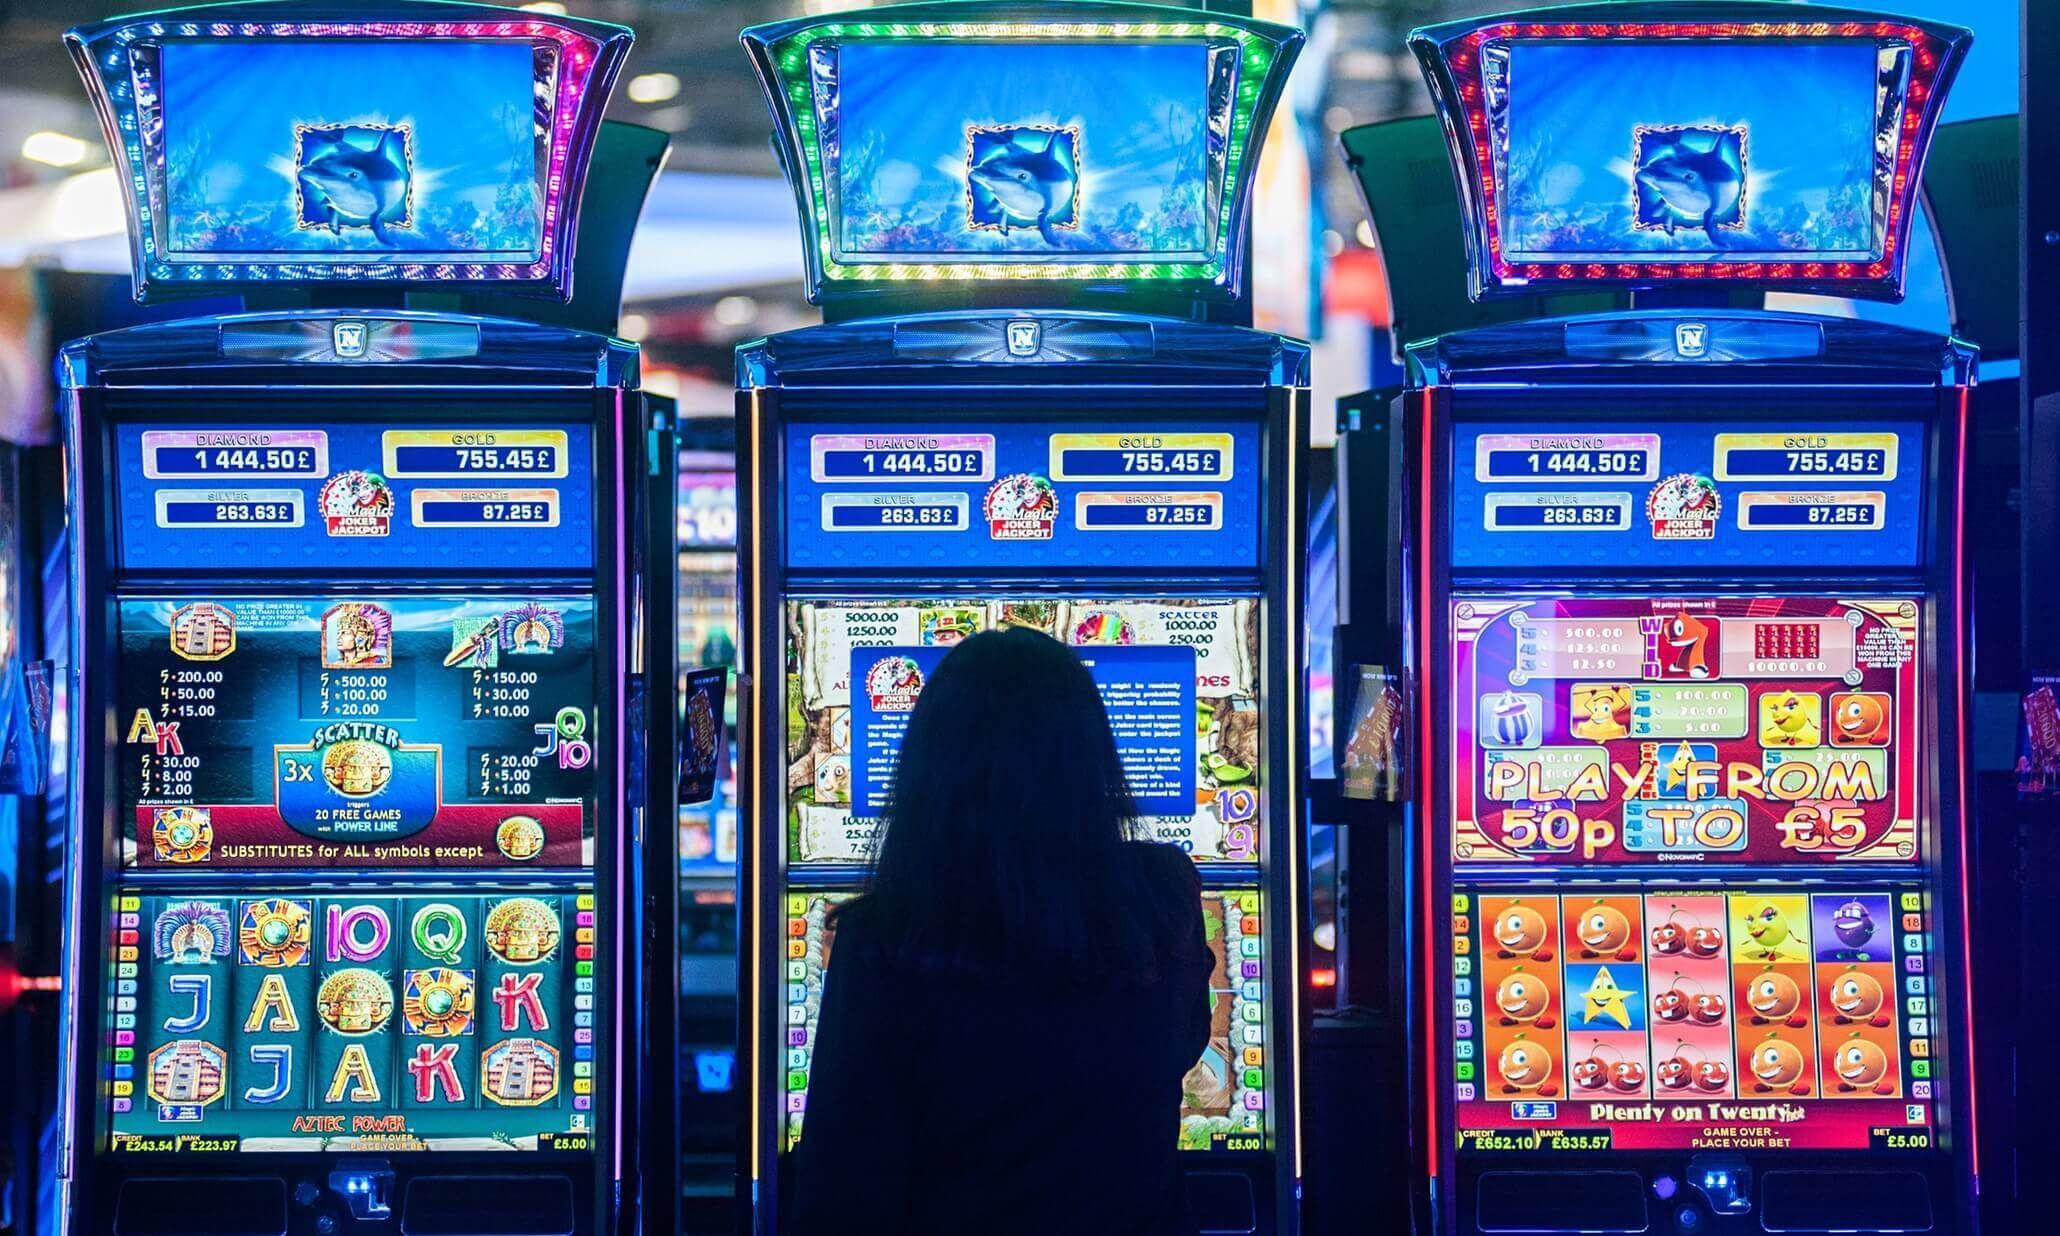 Слоты свиньи игровые автоматы играть бесплатно без регистрации это онлайн казино